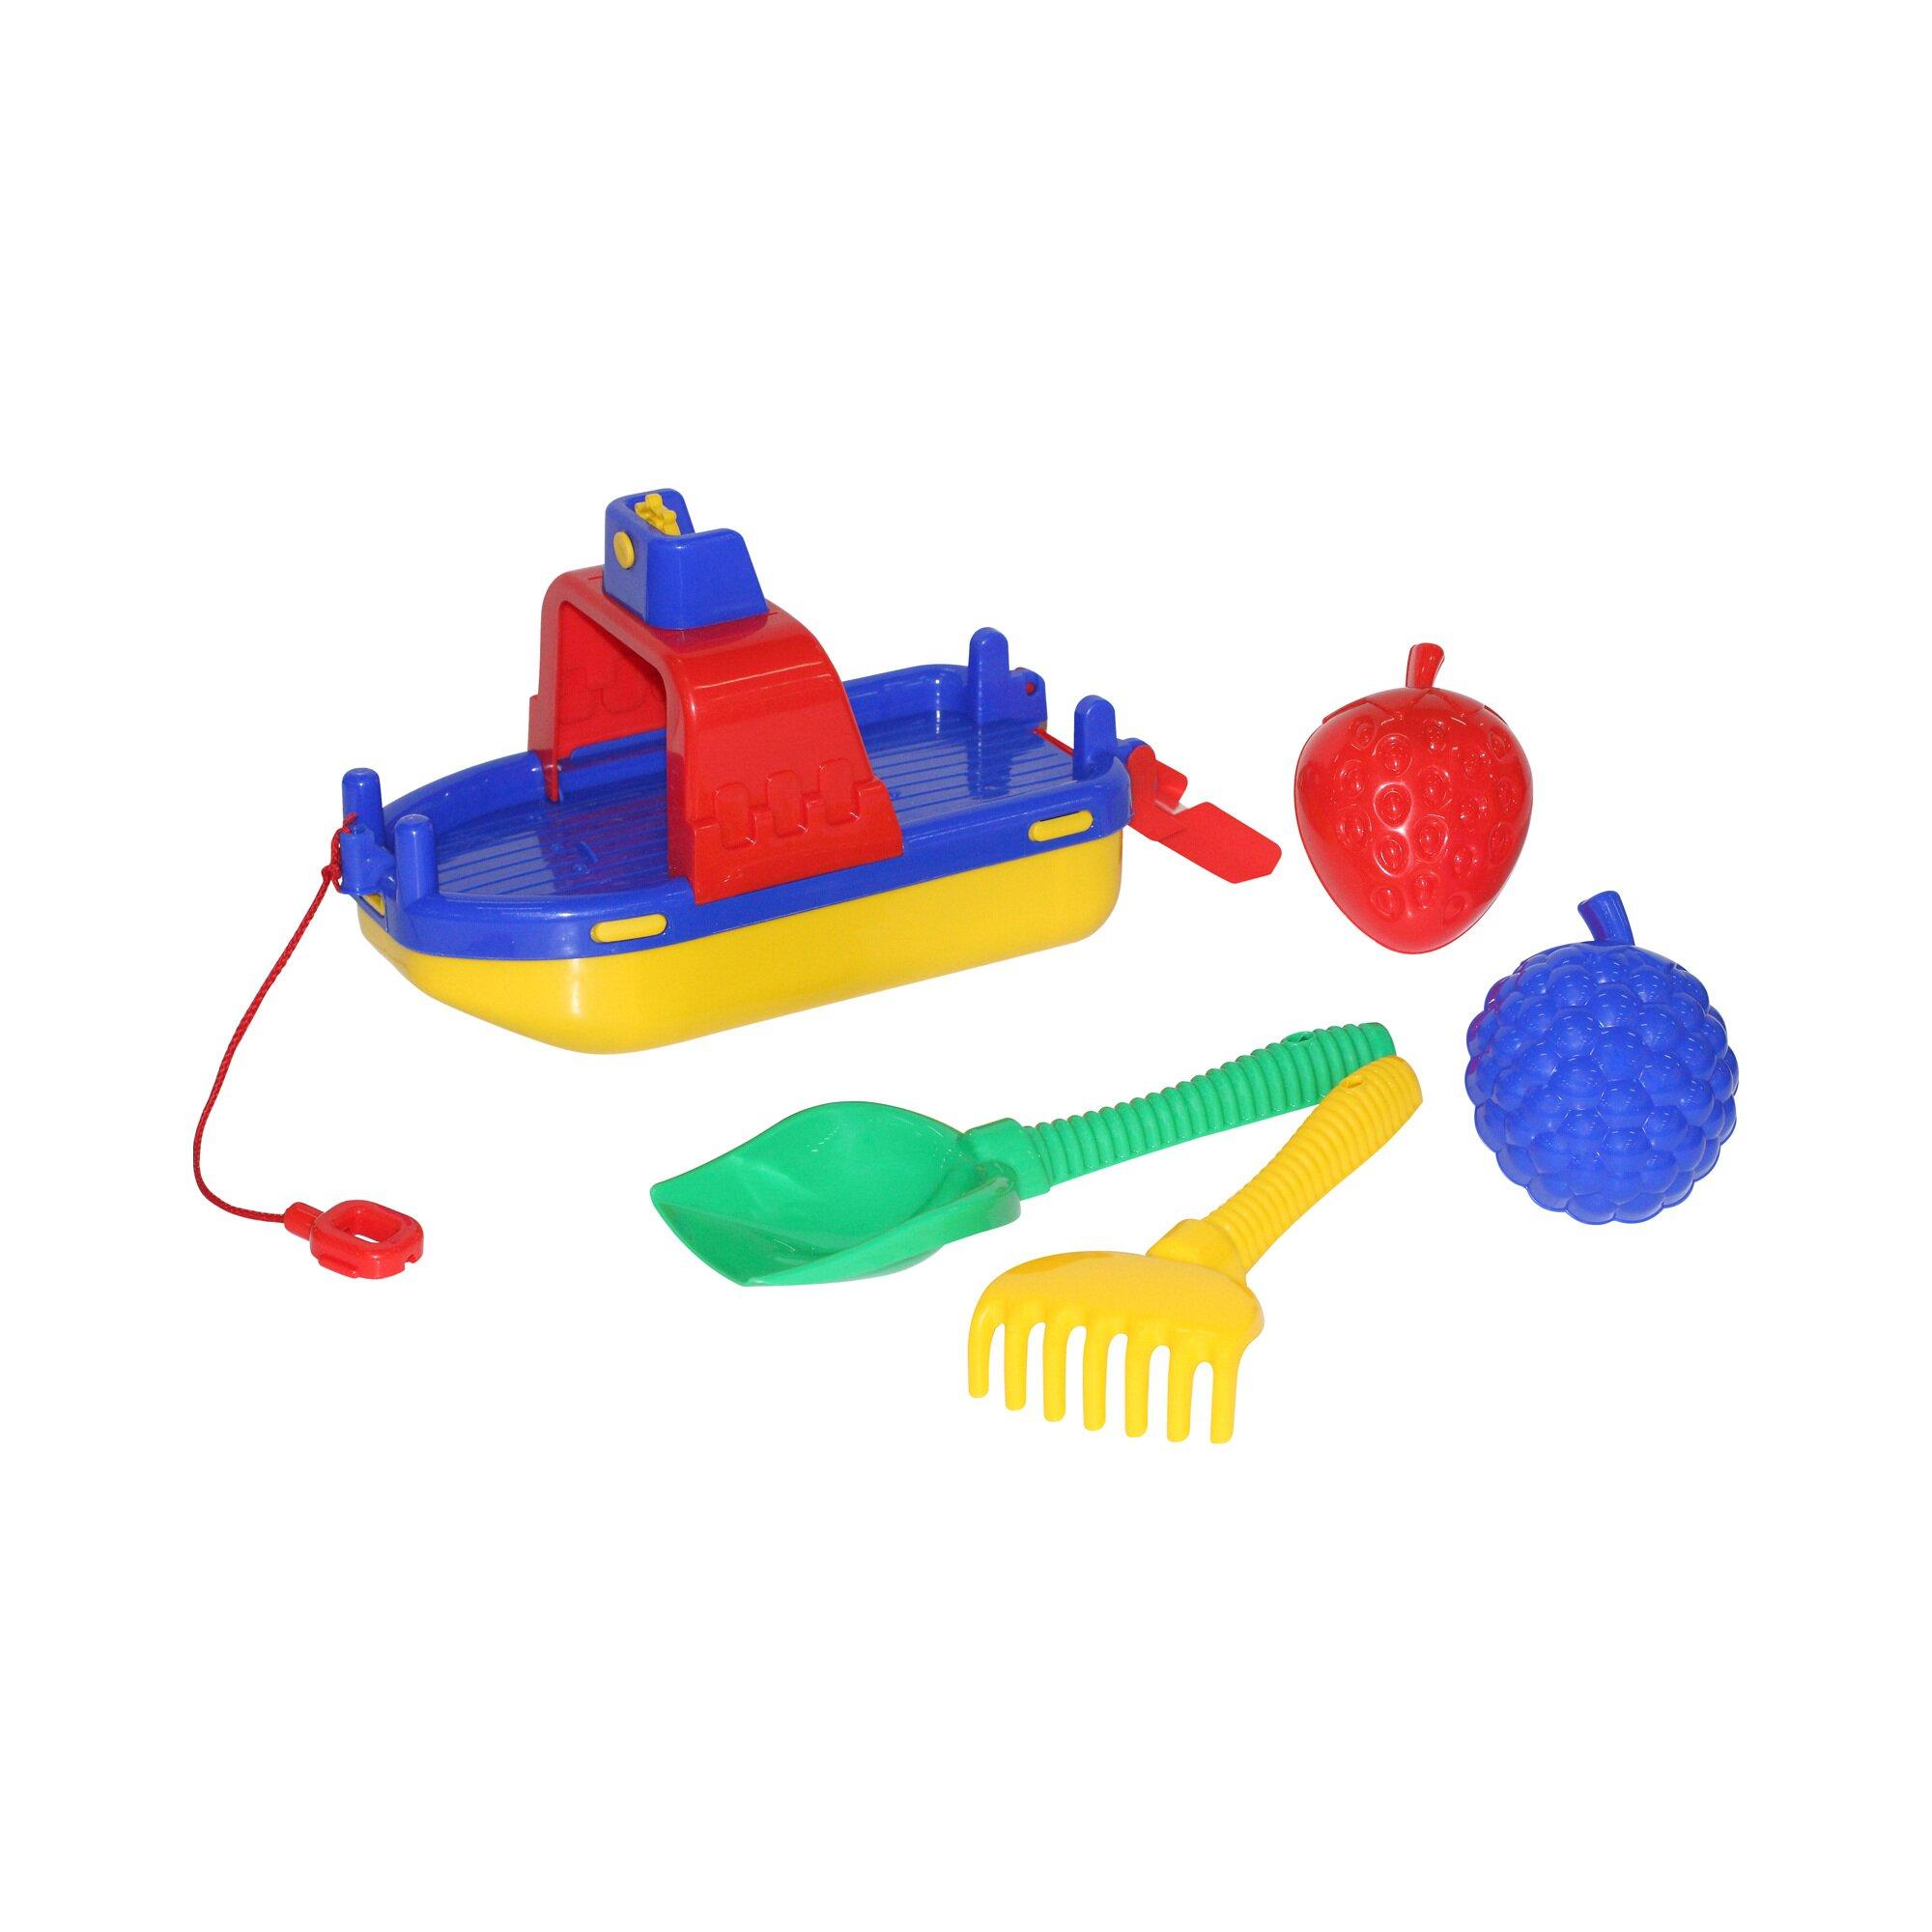 solini-sandspielzeug-mit-fahre-5-teilig